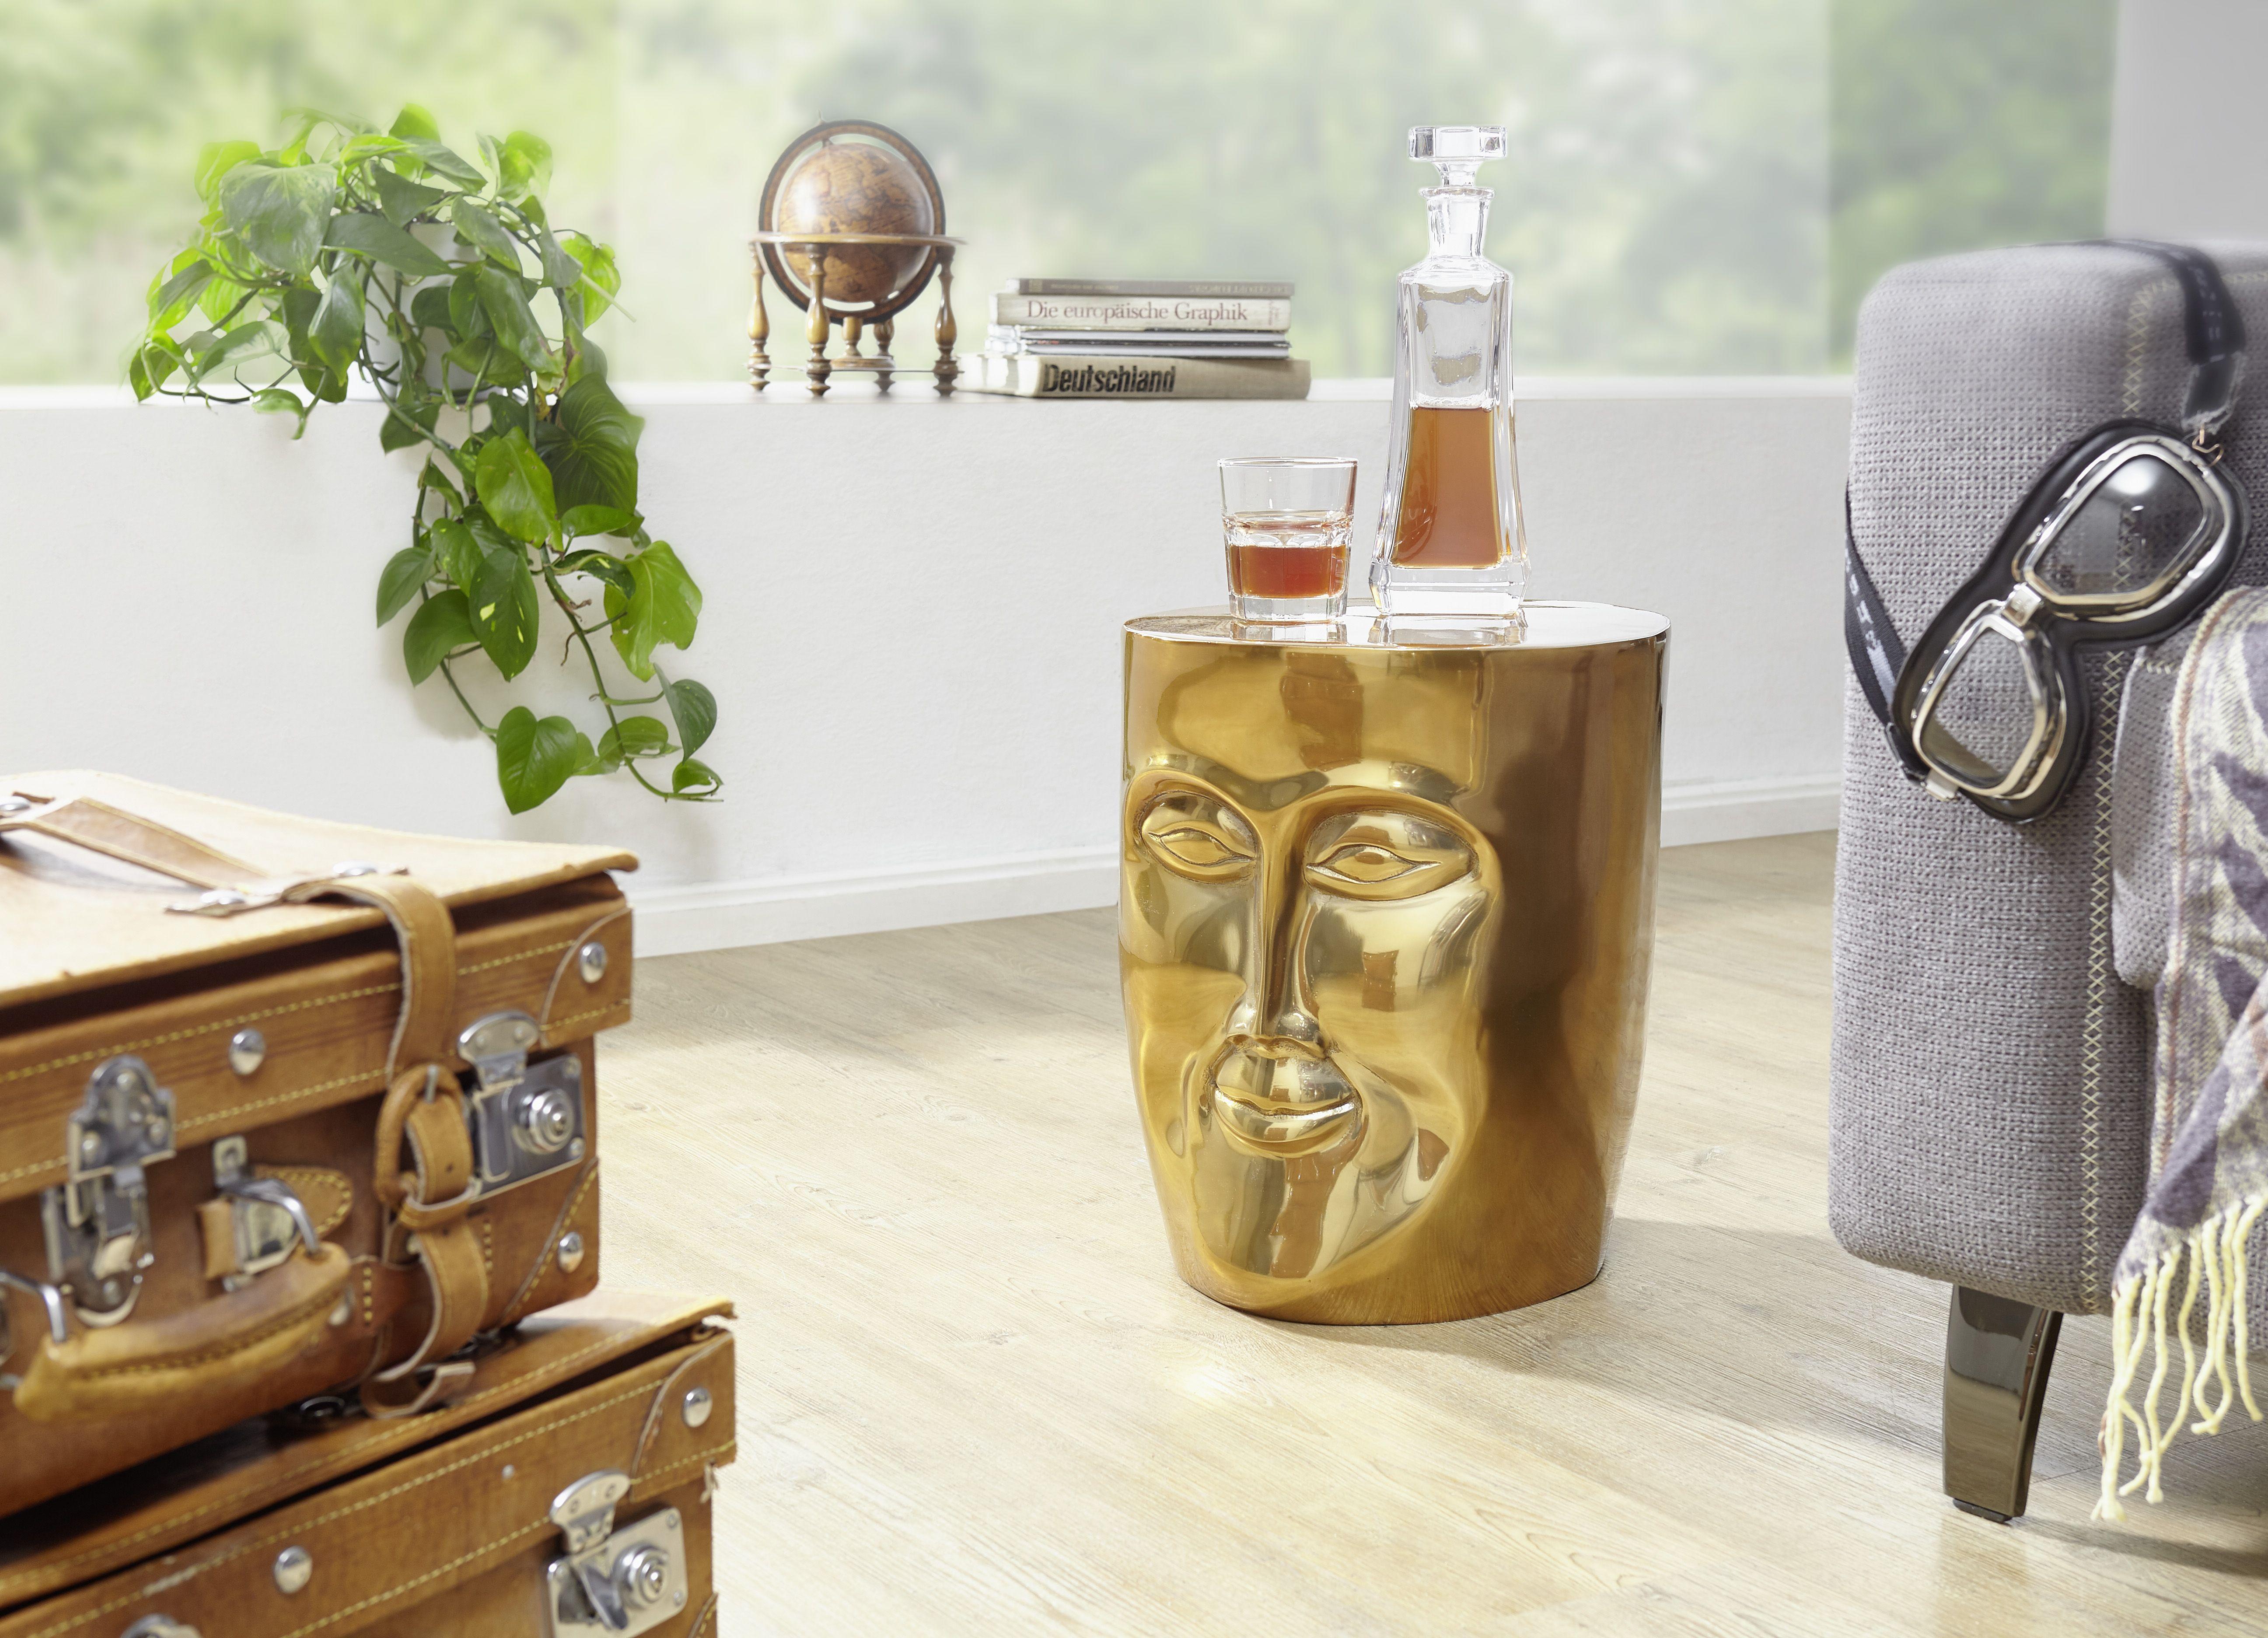 Wohnling Beistelltisch Face Gold Wl5 507 Aus Aluminium Gold Metall Wohnidee Dekoration Ablage Wohnen Beistelltisch Tisch Beistelltische